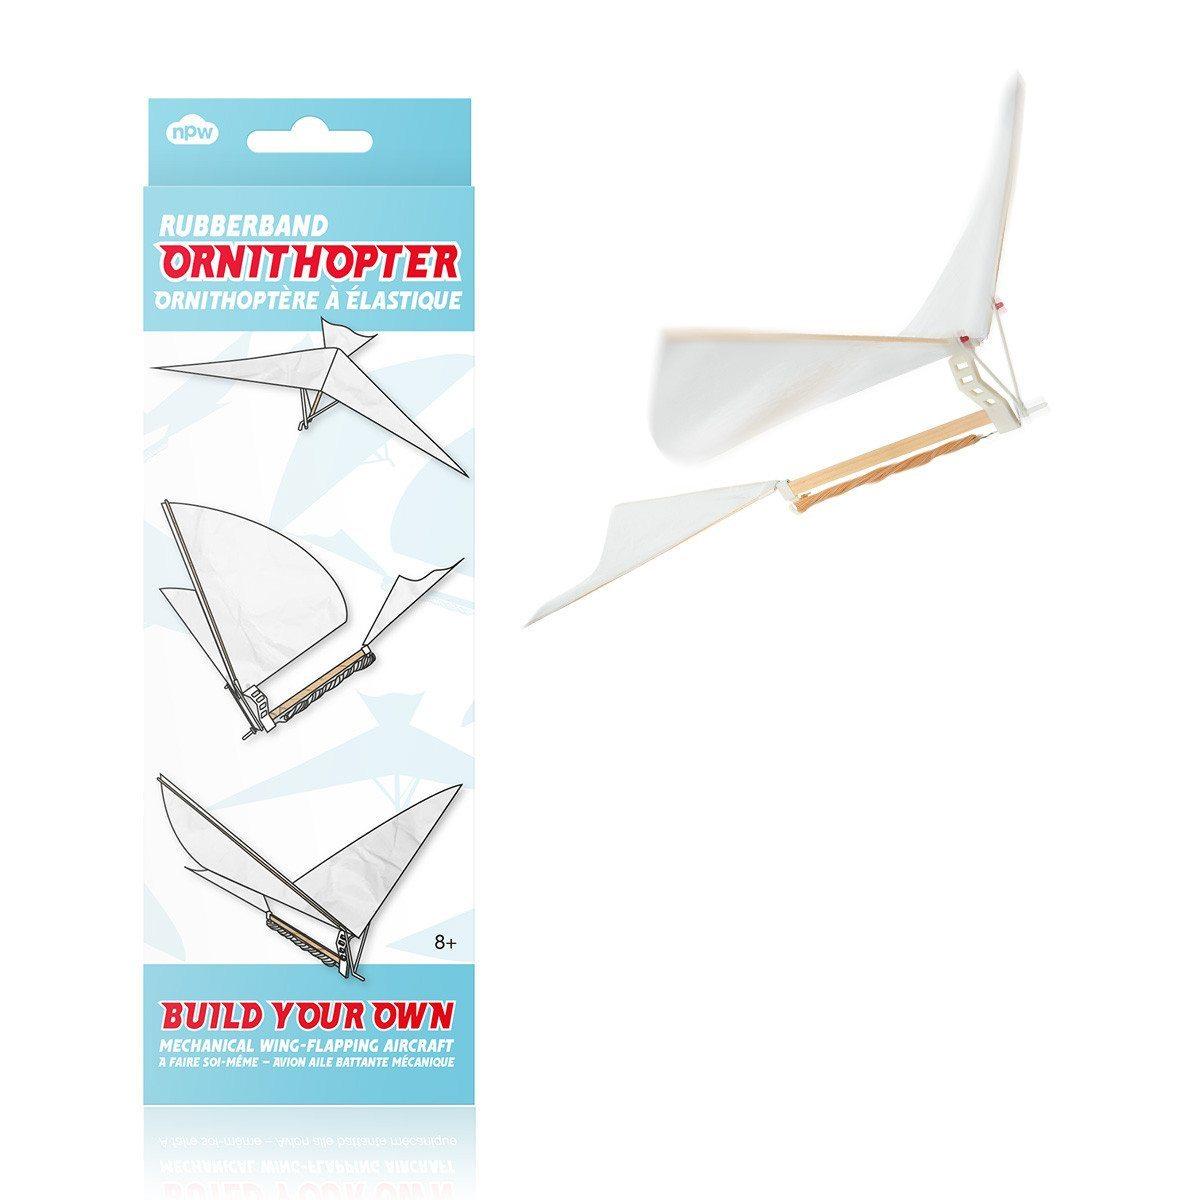 Flugzeug mit Gummimotor bauen